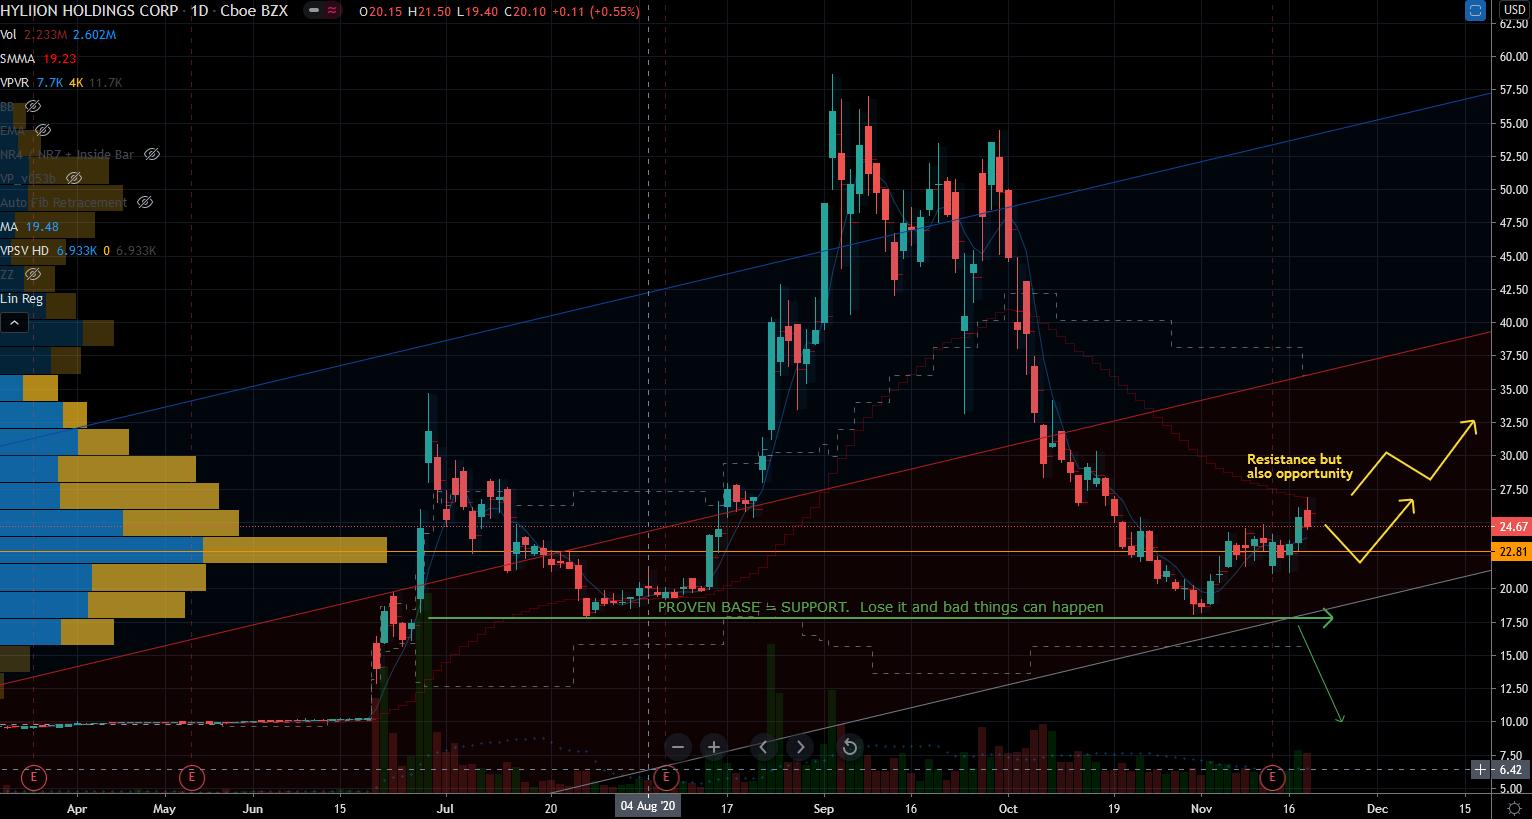 Hyliion (HYLN) Stock Chart Showing Base and Upside Paths